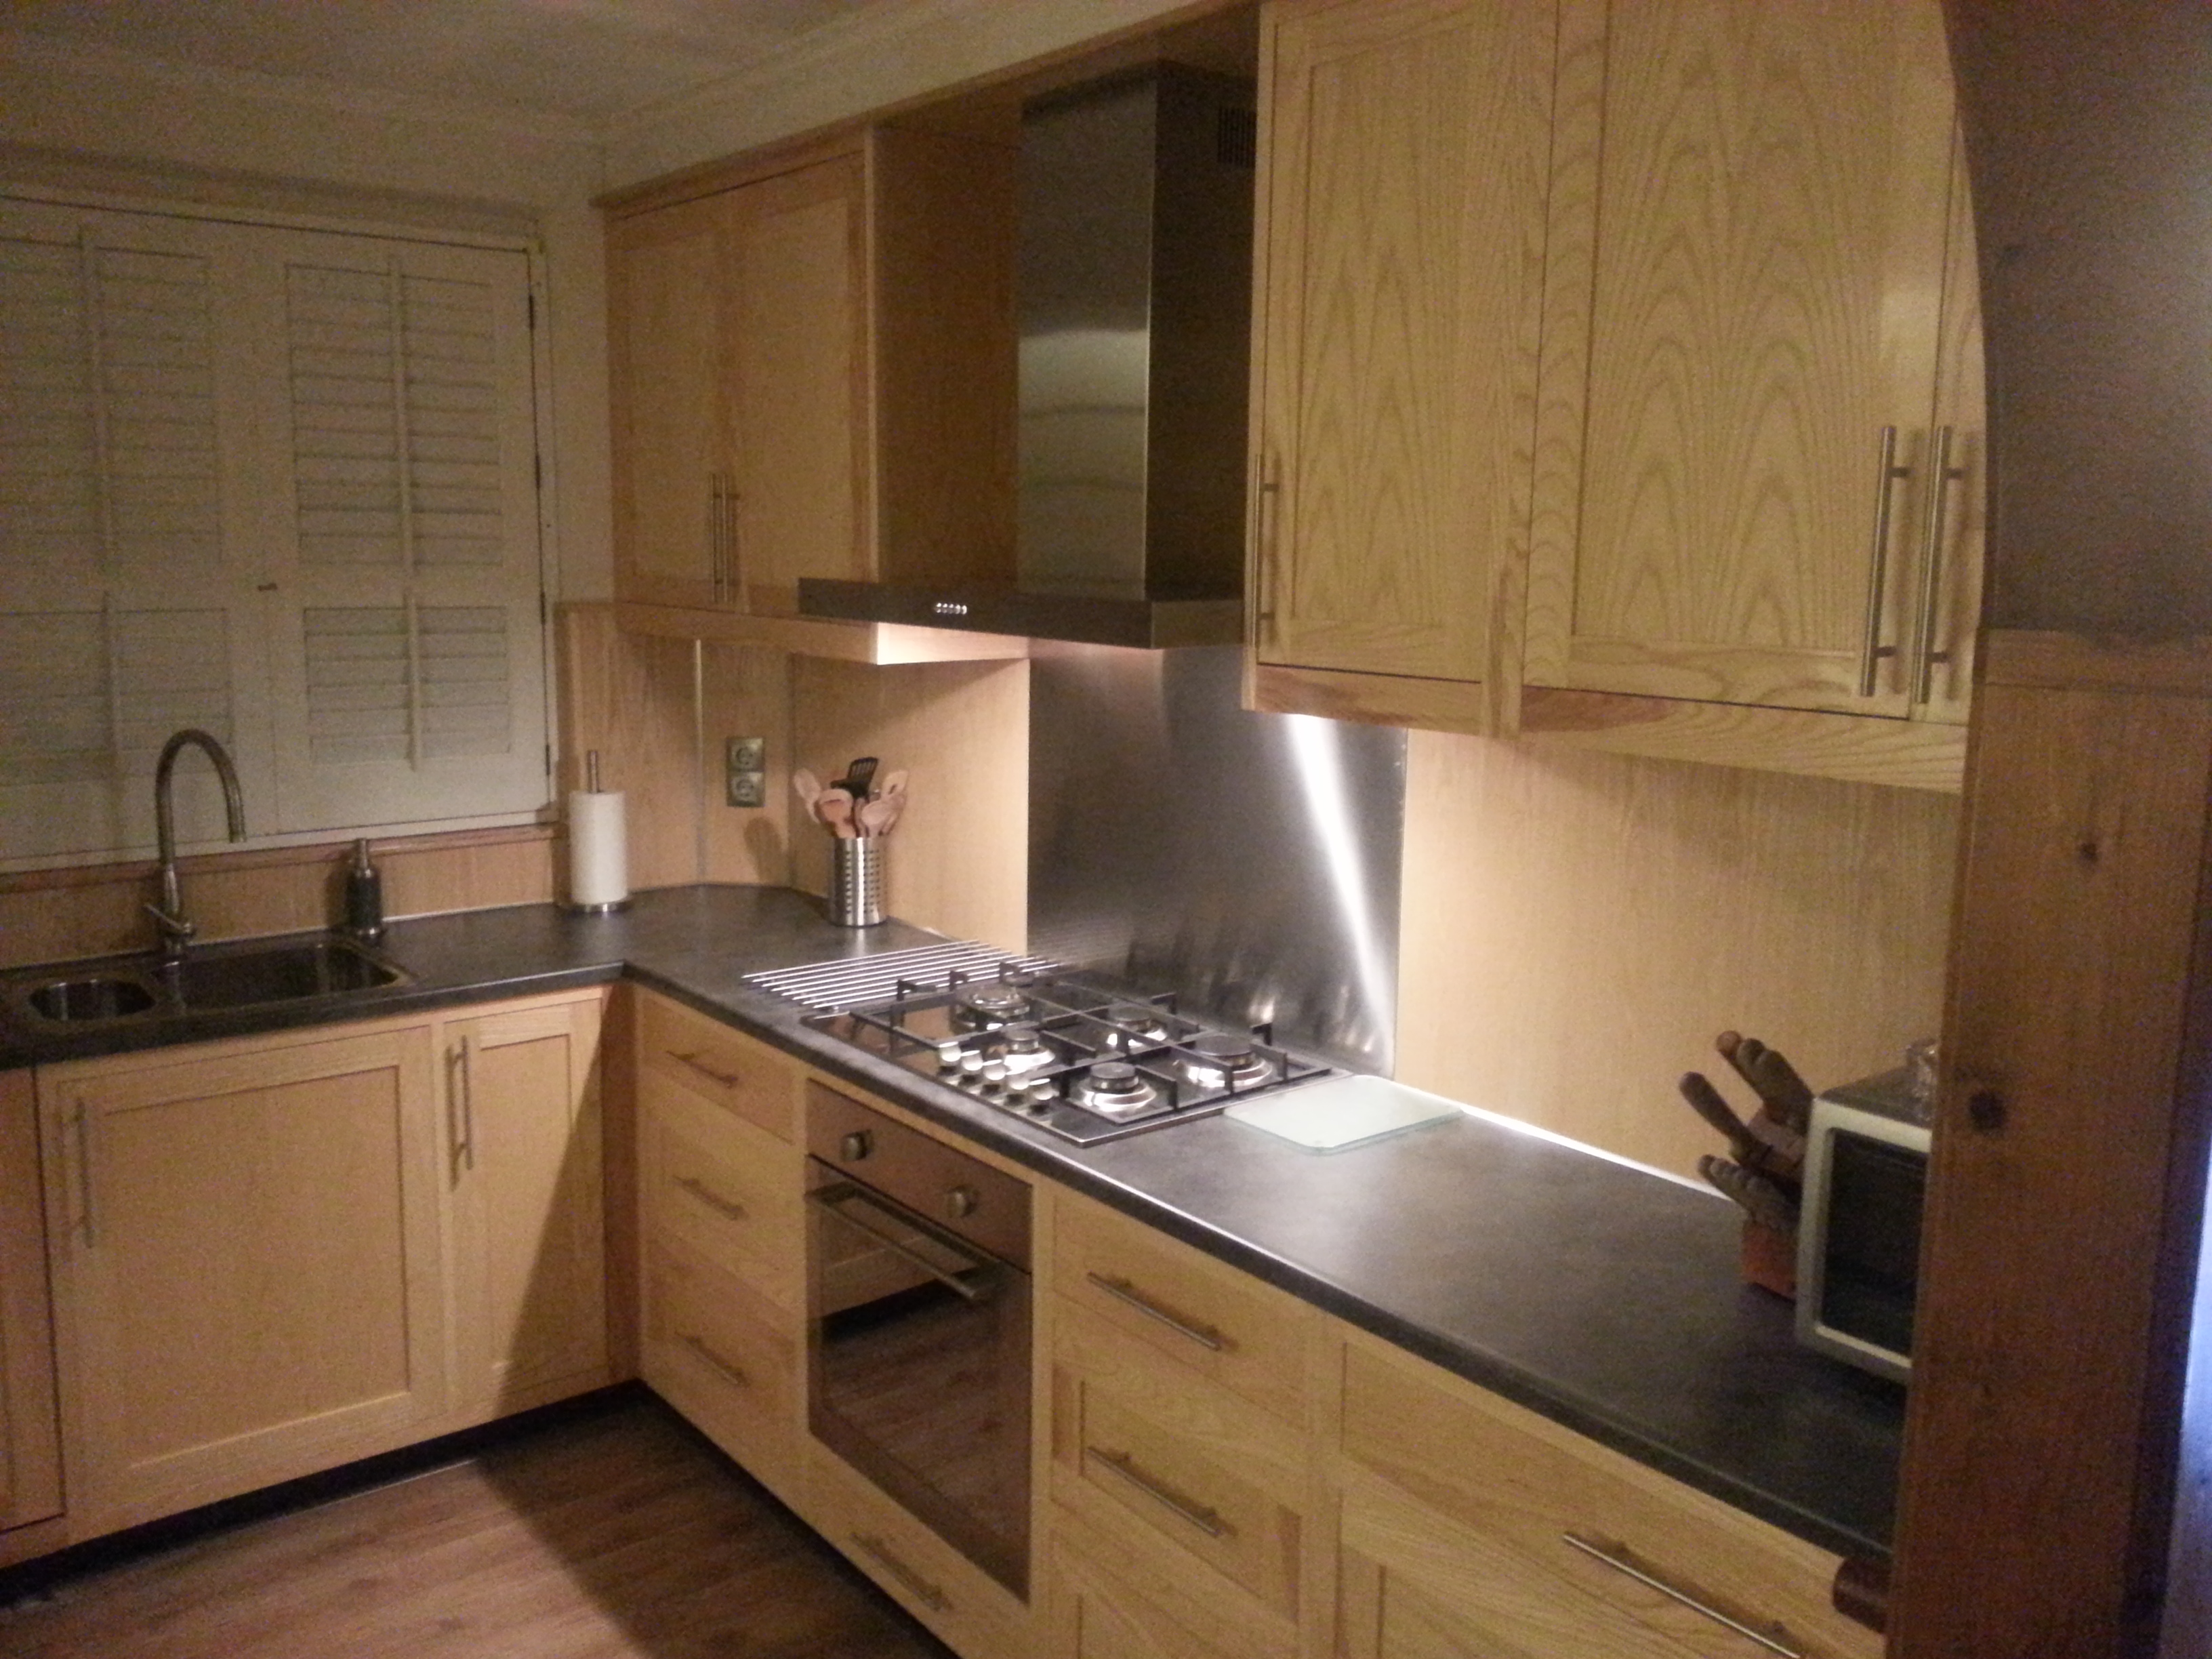 Keuken Deuren Teak : Keuken deuren teak minimalistische ikea koak your ikea design